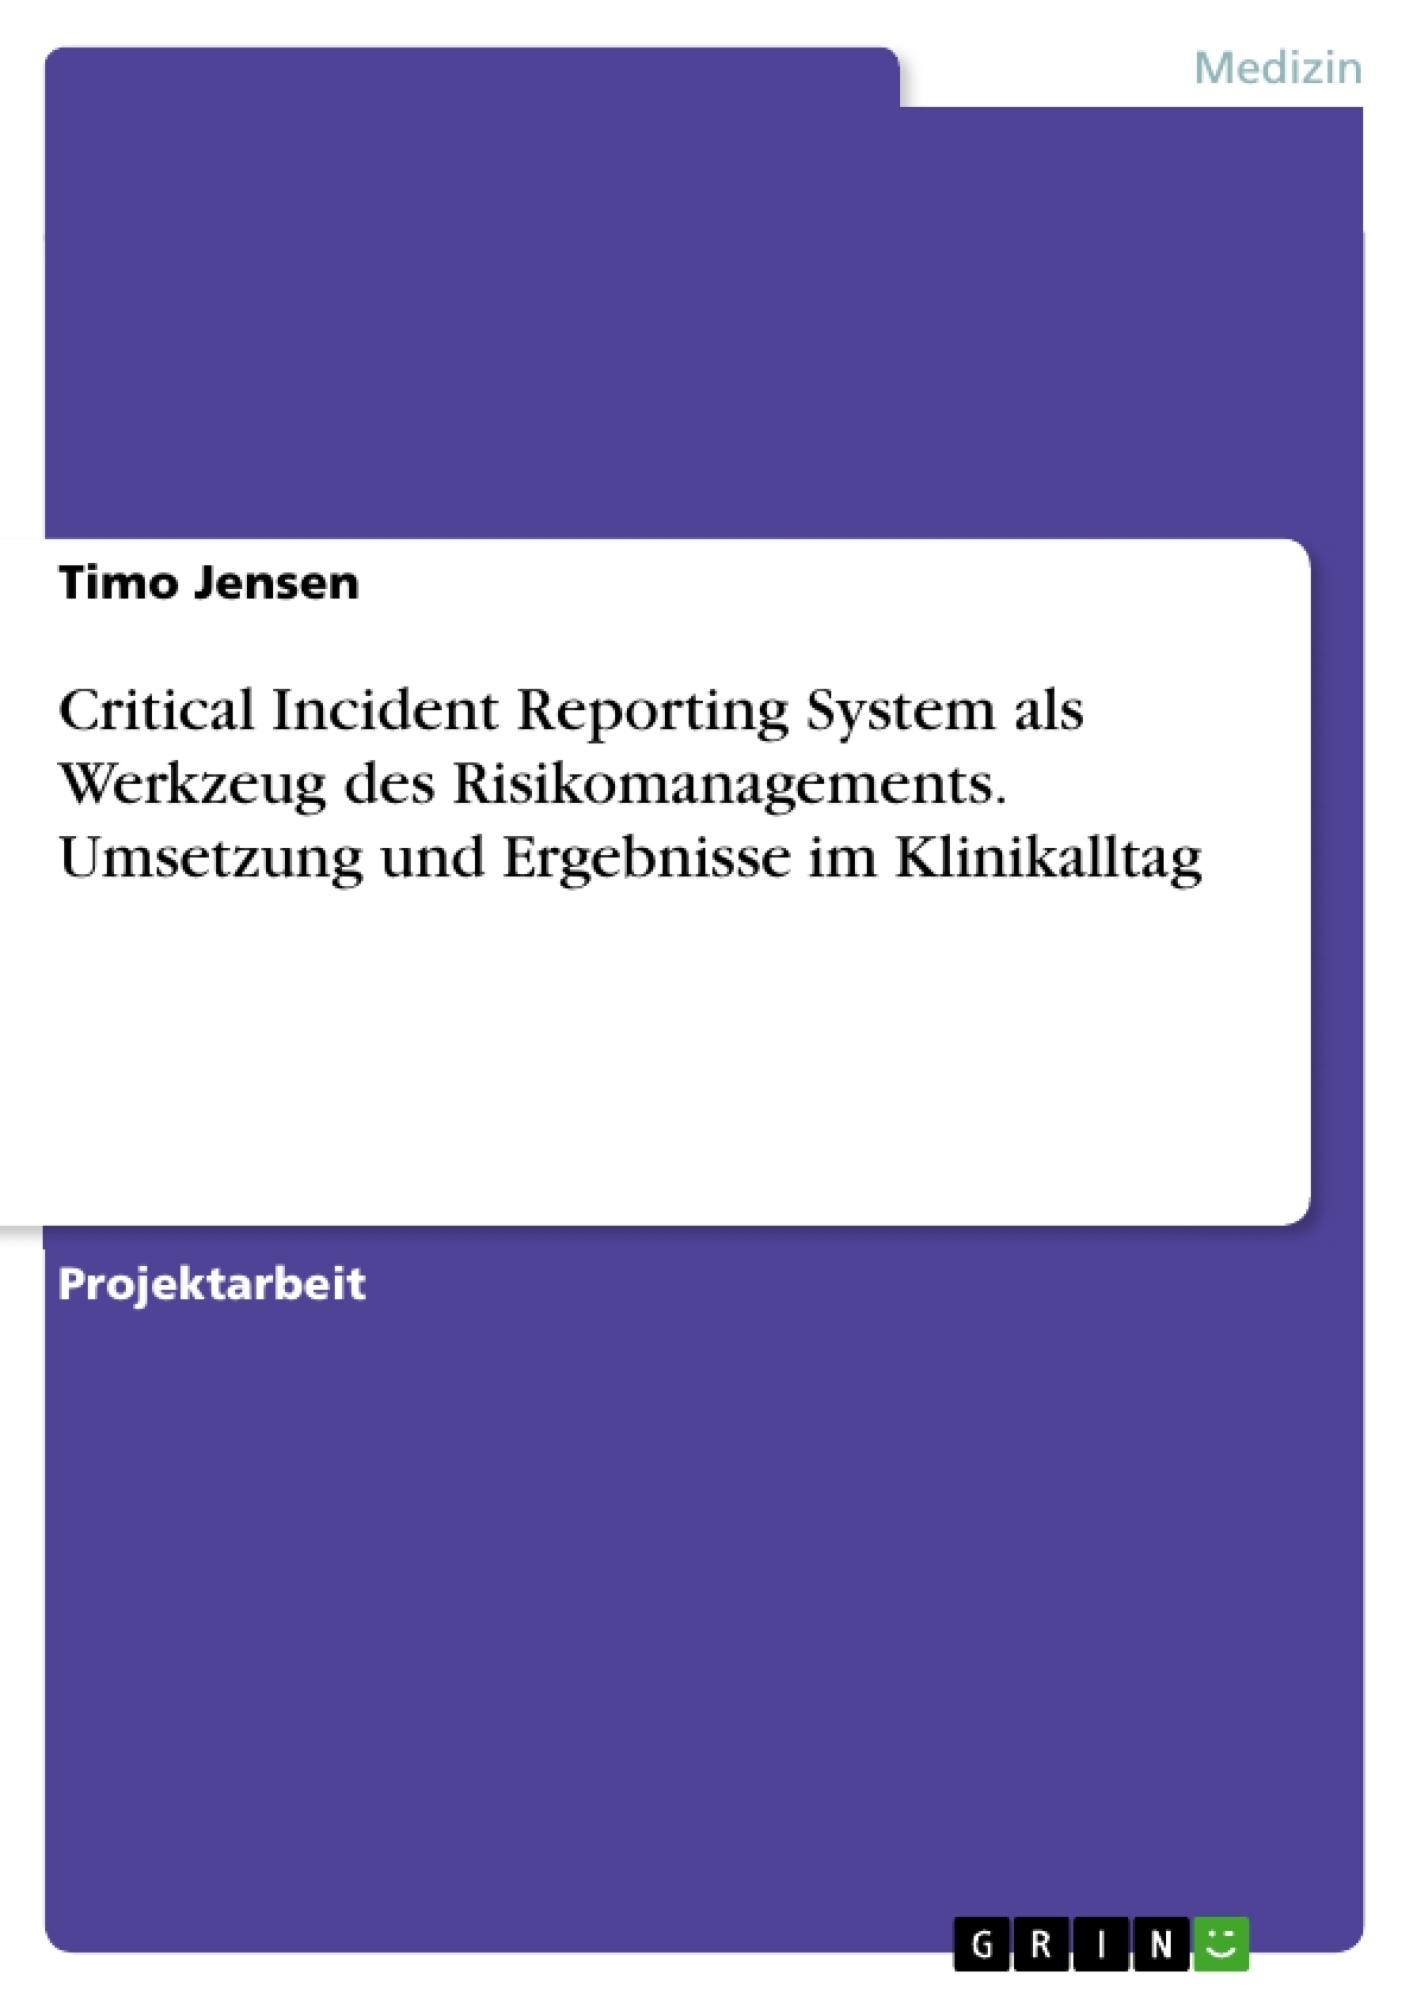 Titel: Critical Incident Reporting System als Werkzeug des Risikomanagements. Umsetzung und Ergebnisse im Klinikalltag